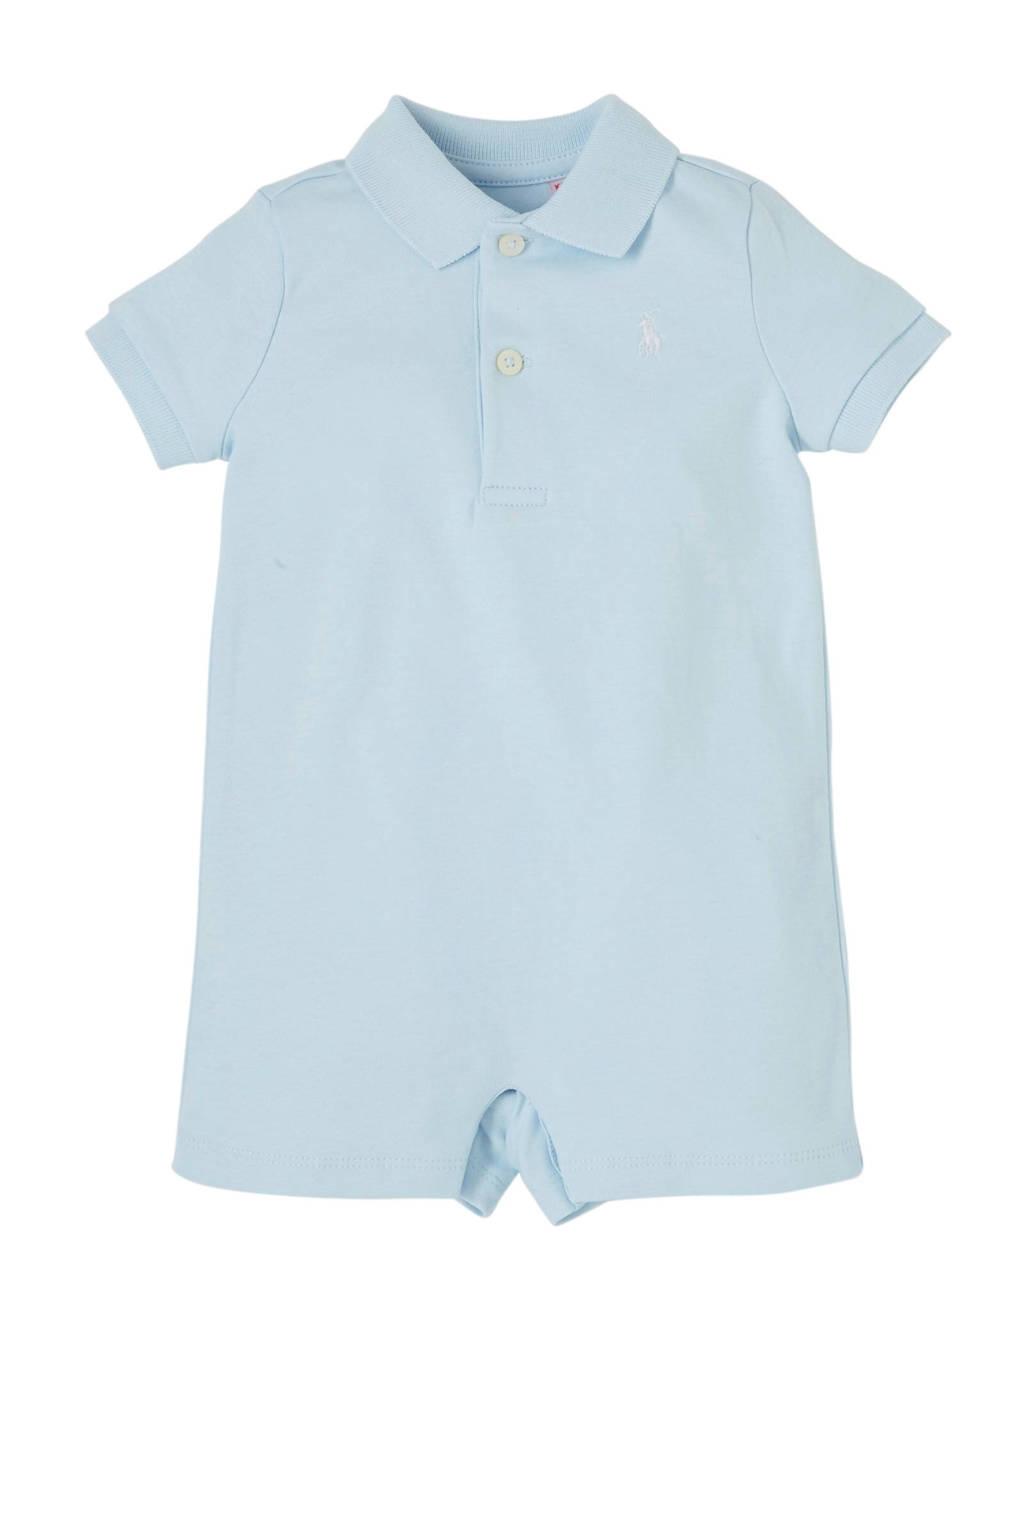 POLO Ralph Lauren baby boxpak lichtblauw, Lichtblauw